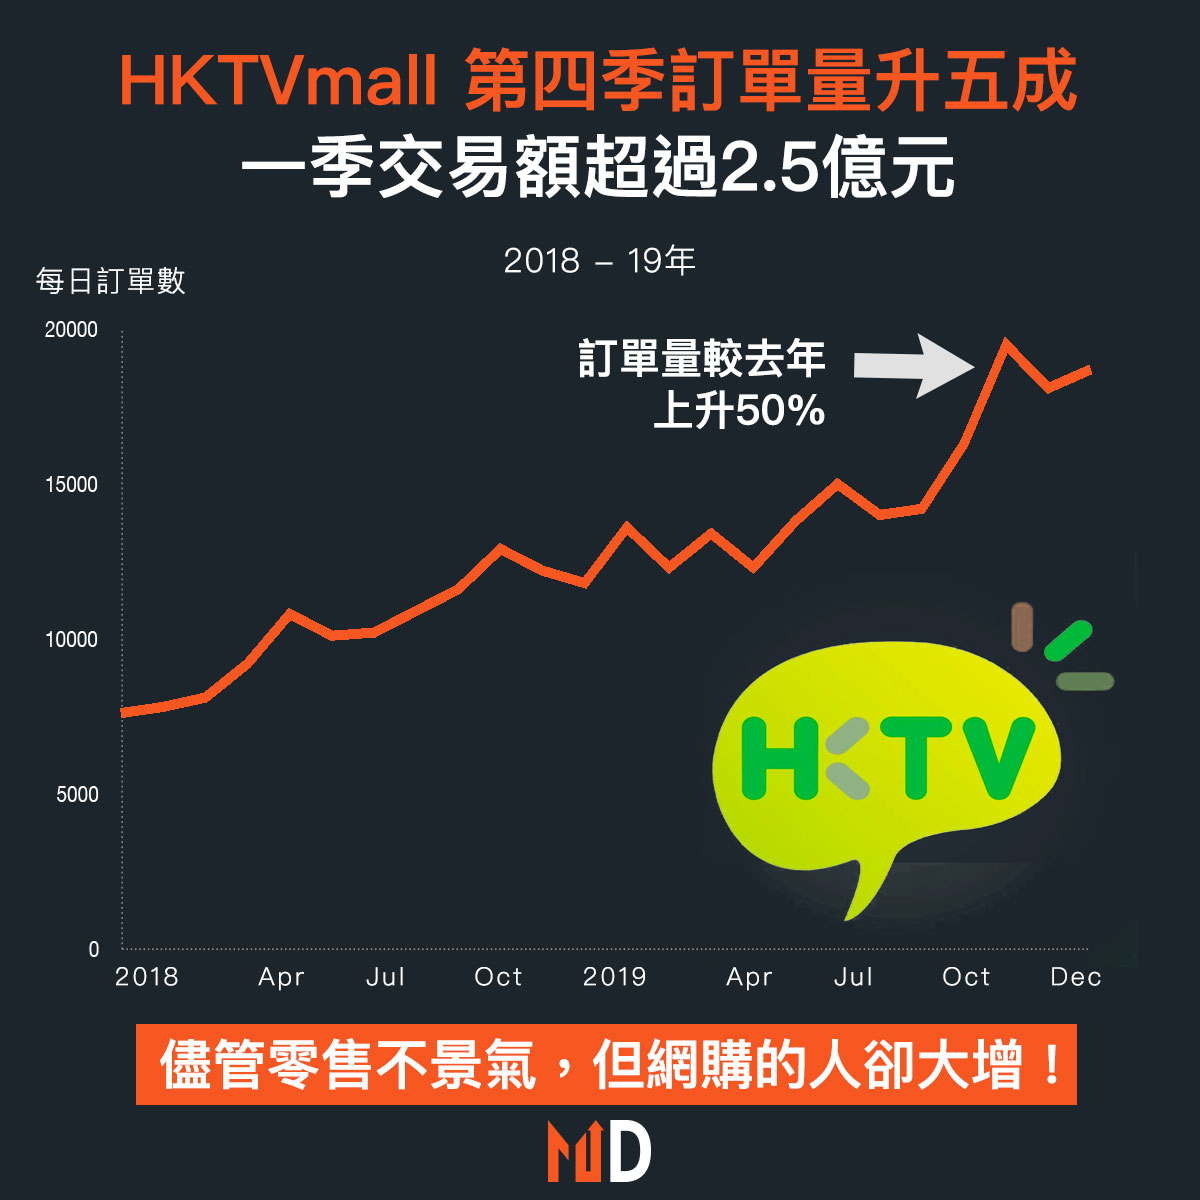 【市場熱話】HKTVmall 第四季訂單量升五成 一季交易額超過2.5億元